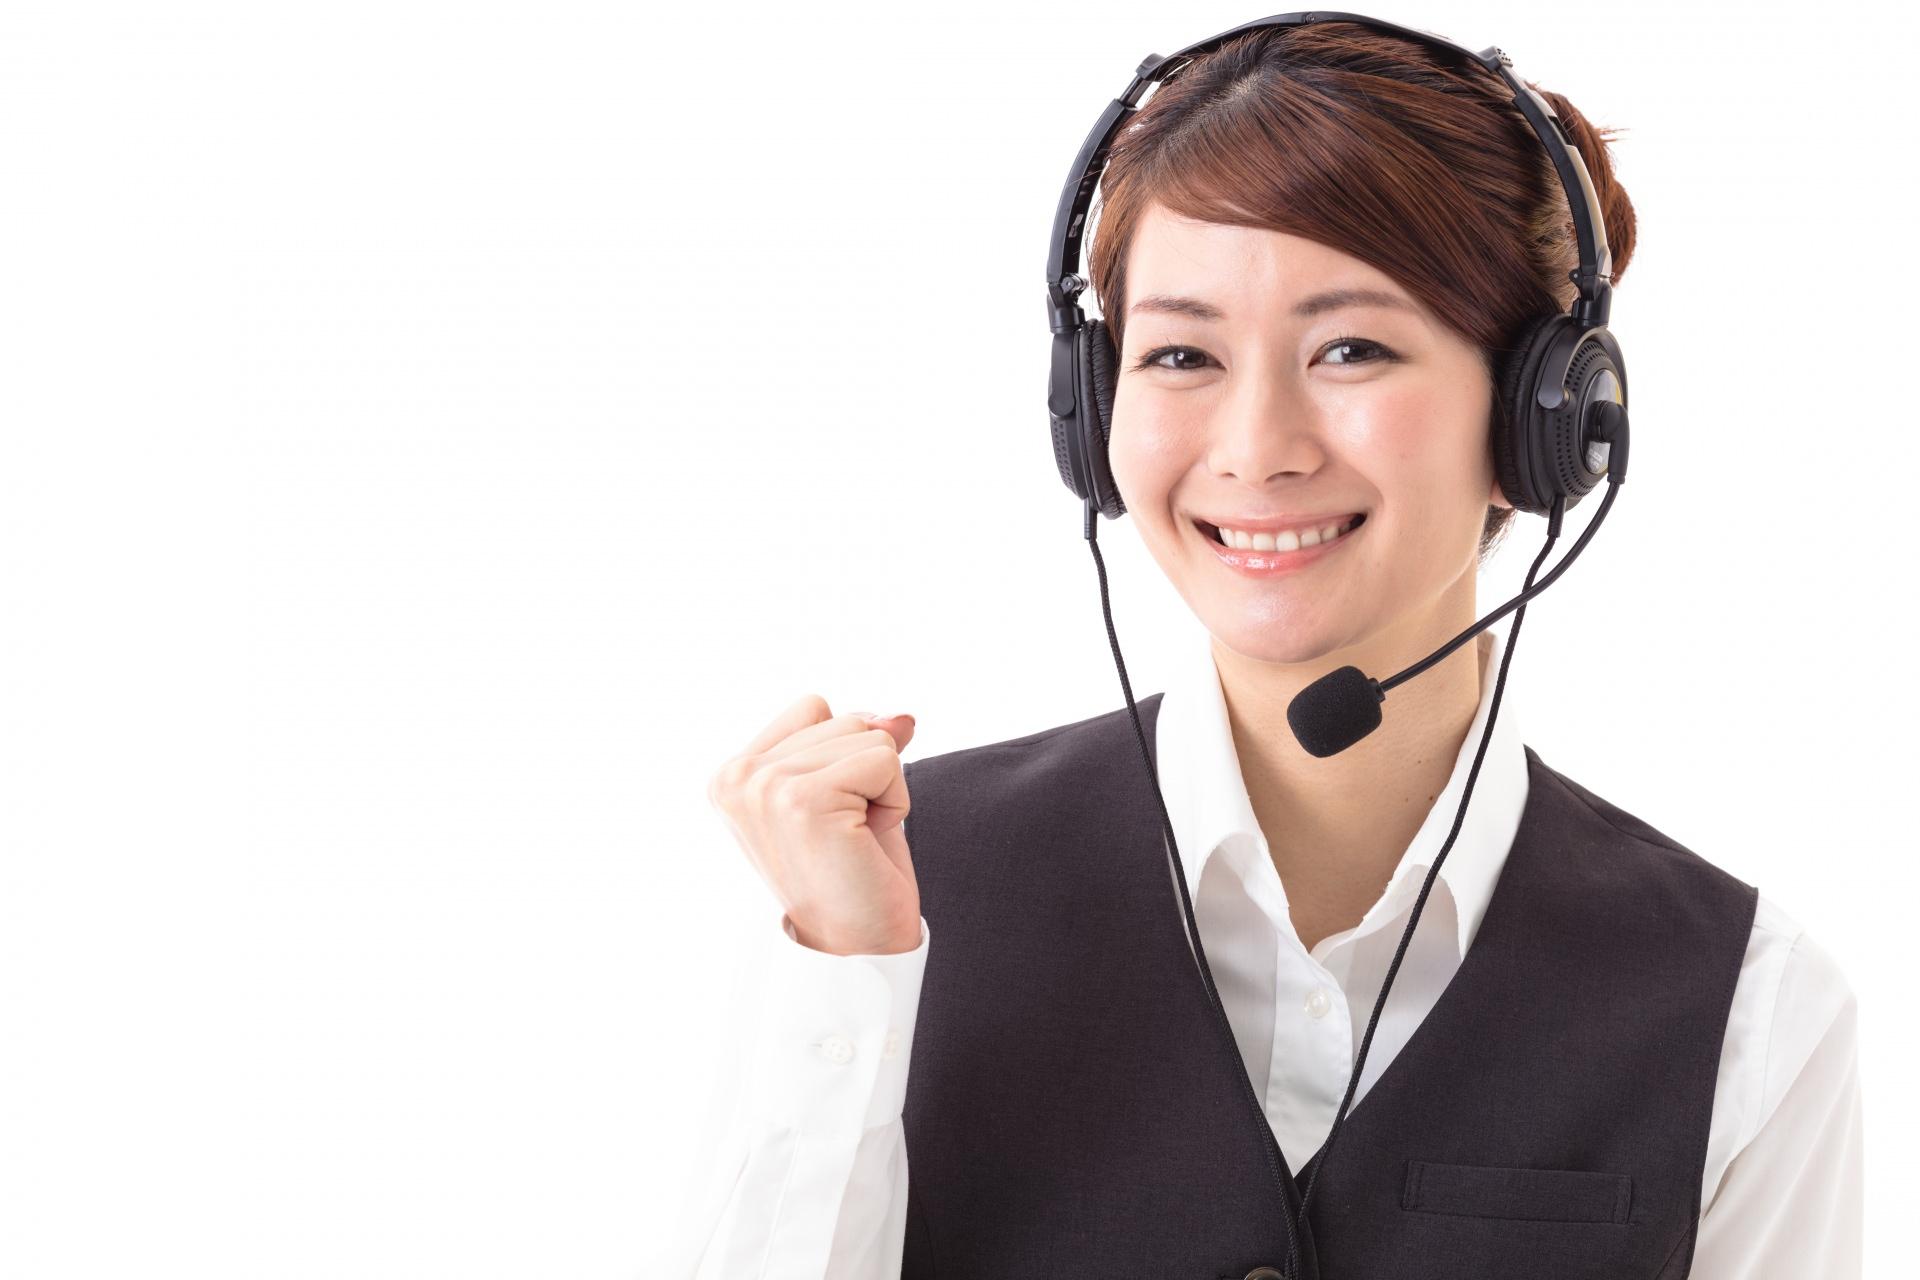 傾聴力を磨きたい!コミュニケーションが上手なコールセンターのオペレーターが意識するポイントとは